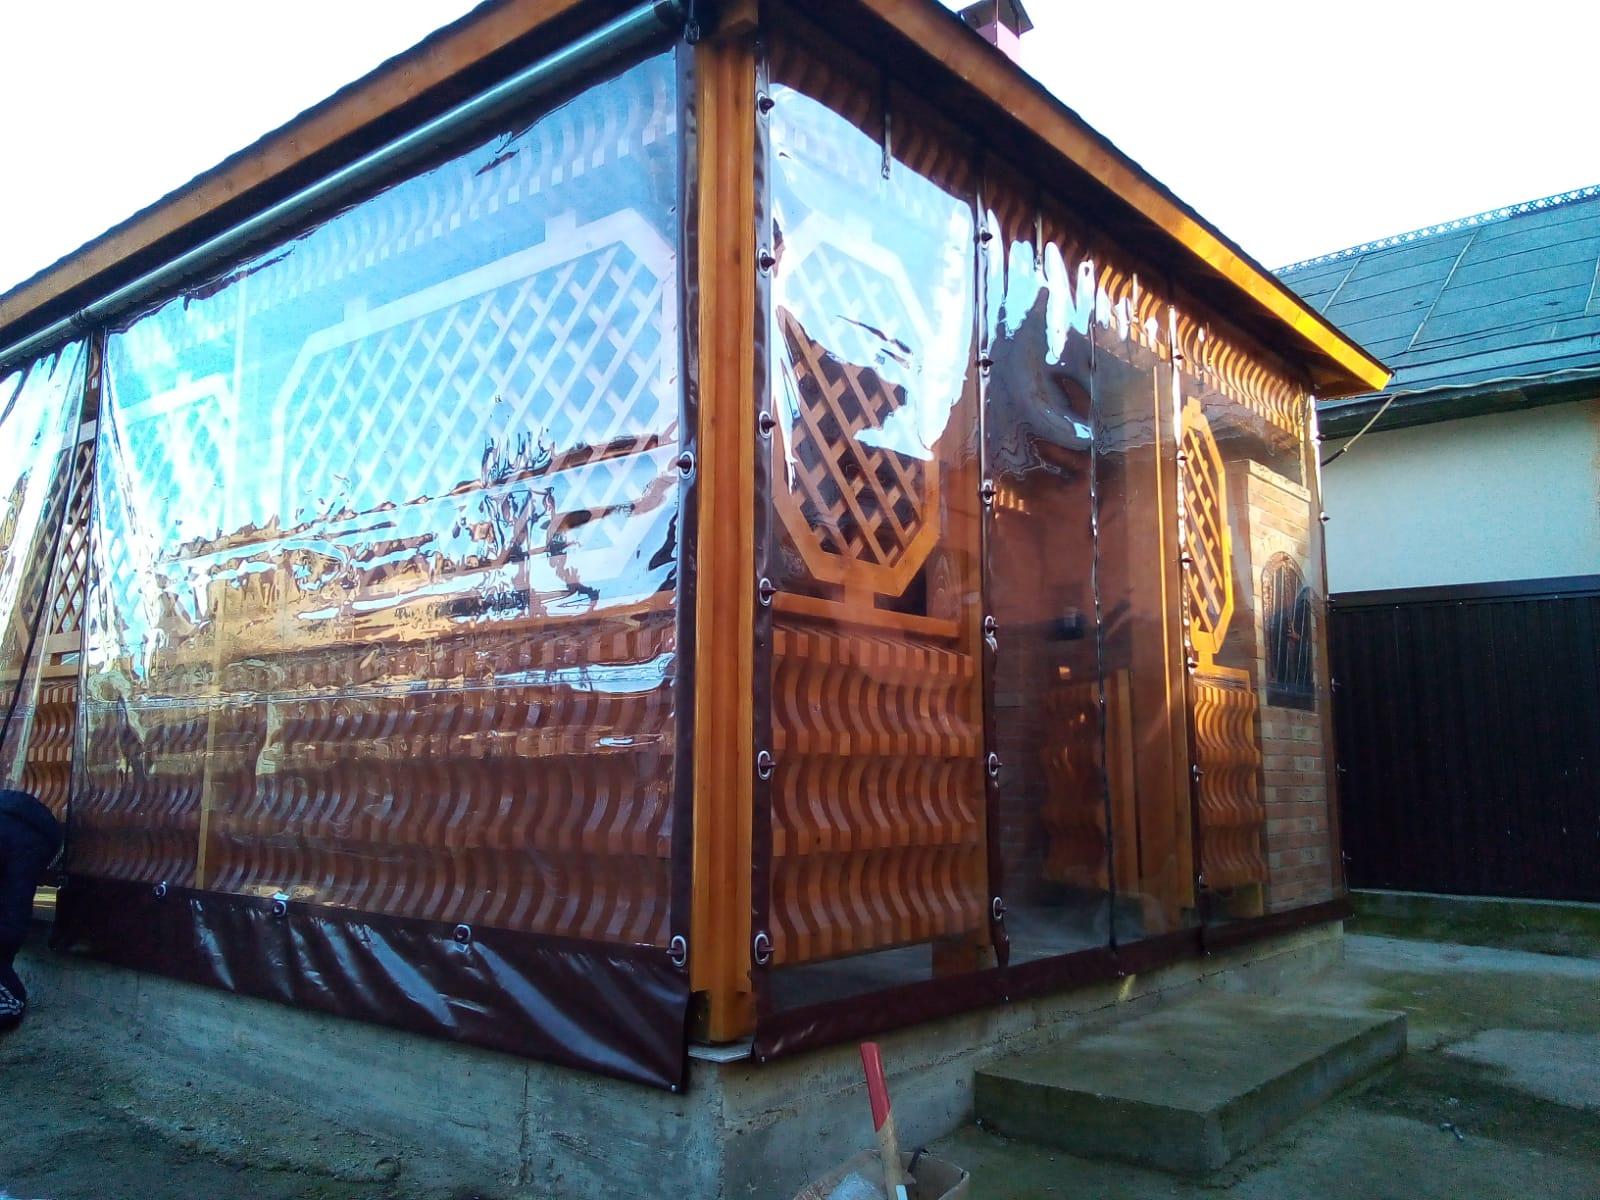 Închideri terase cu rulouri folie transparentă CRISTAL